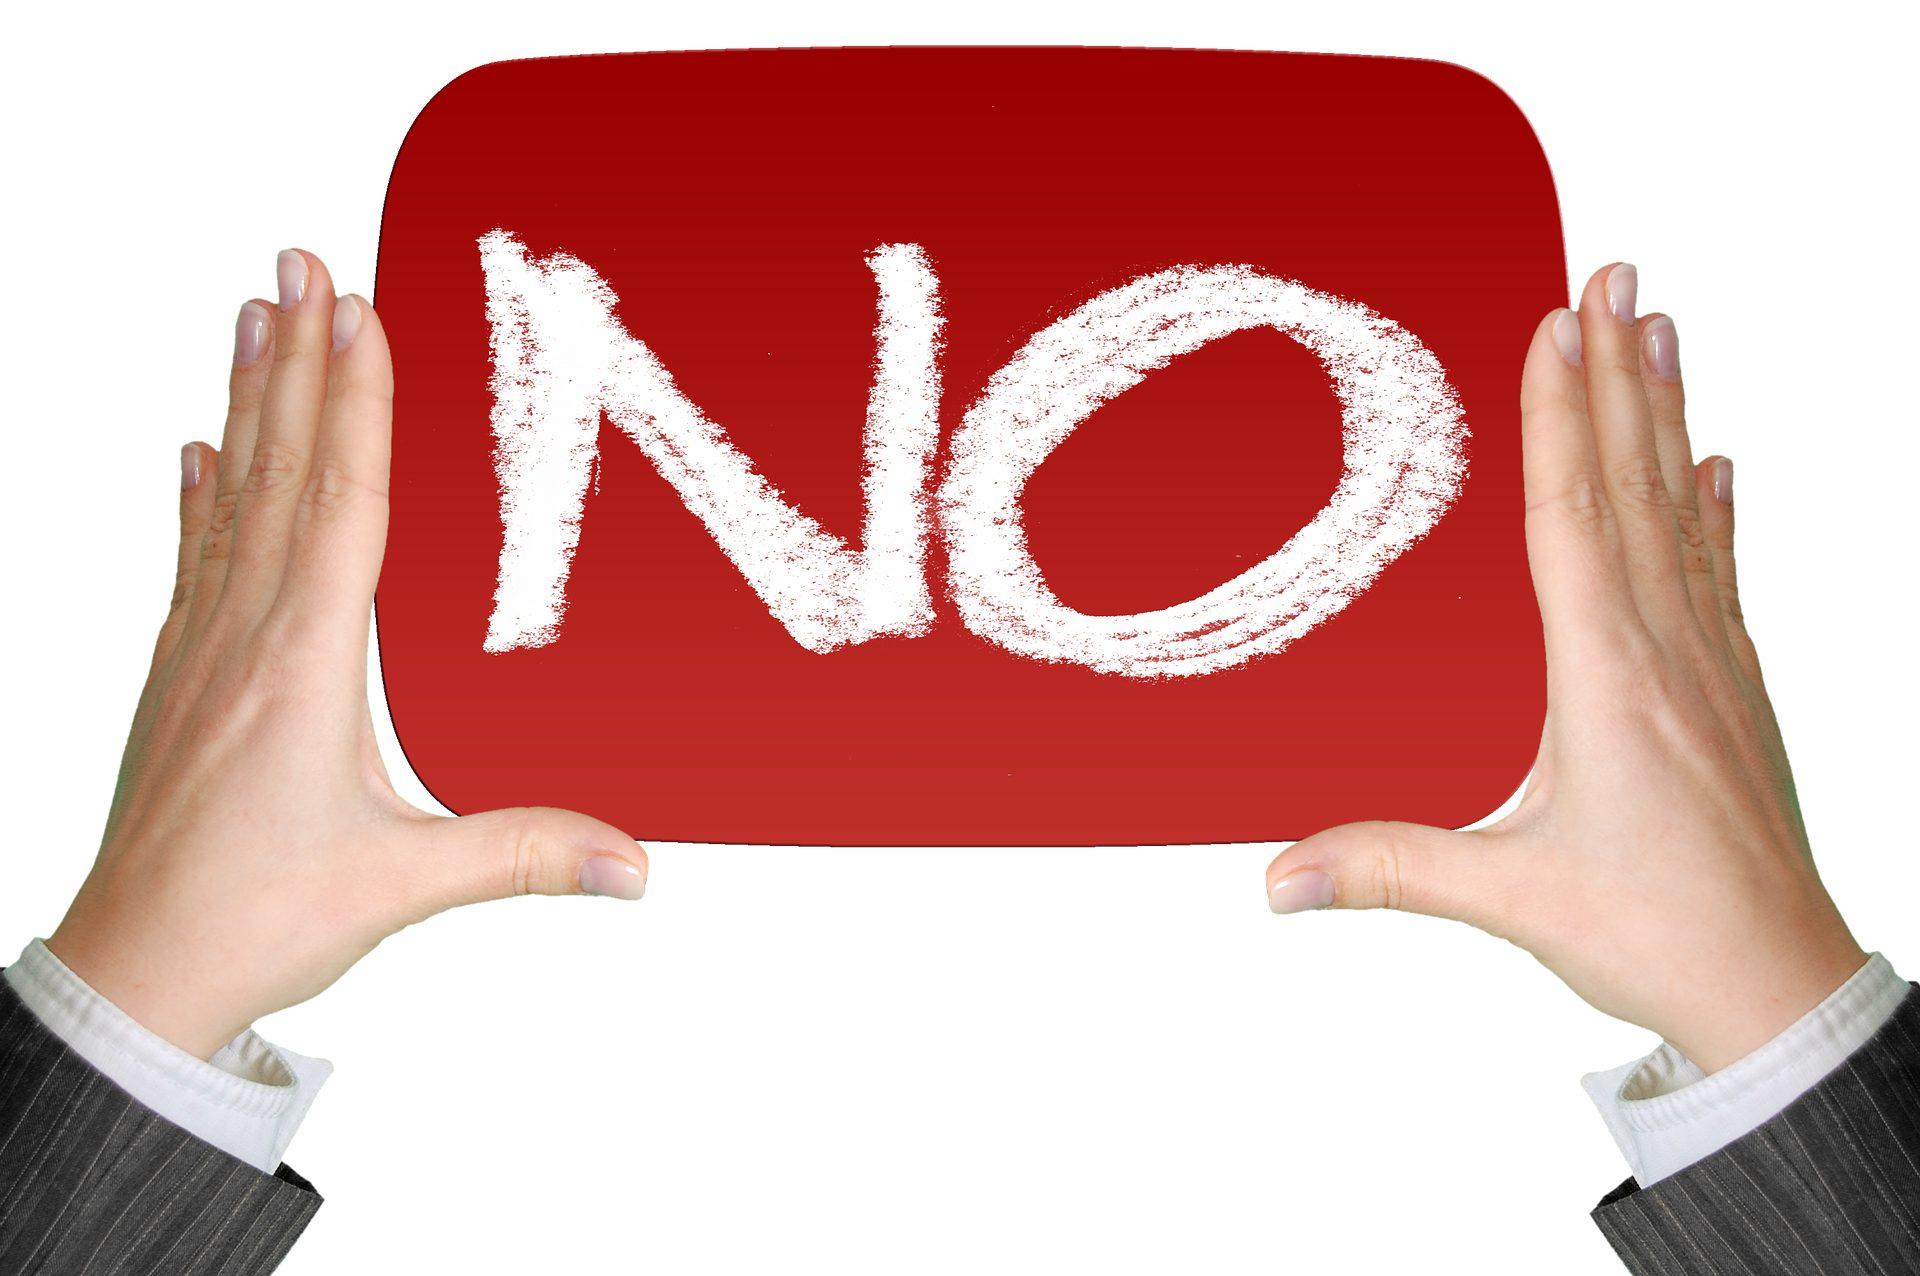 SBI証券でNISA口座開設不可の通知が来た件について